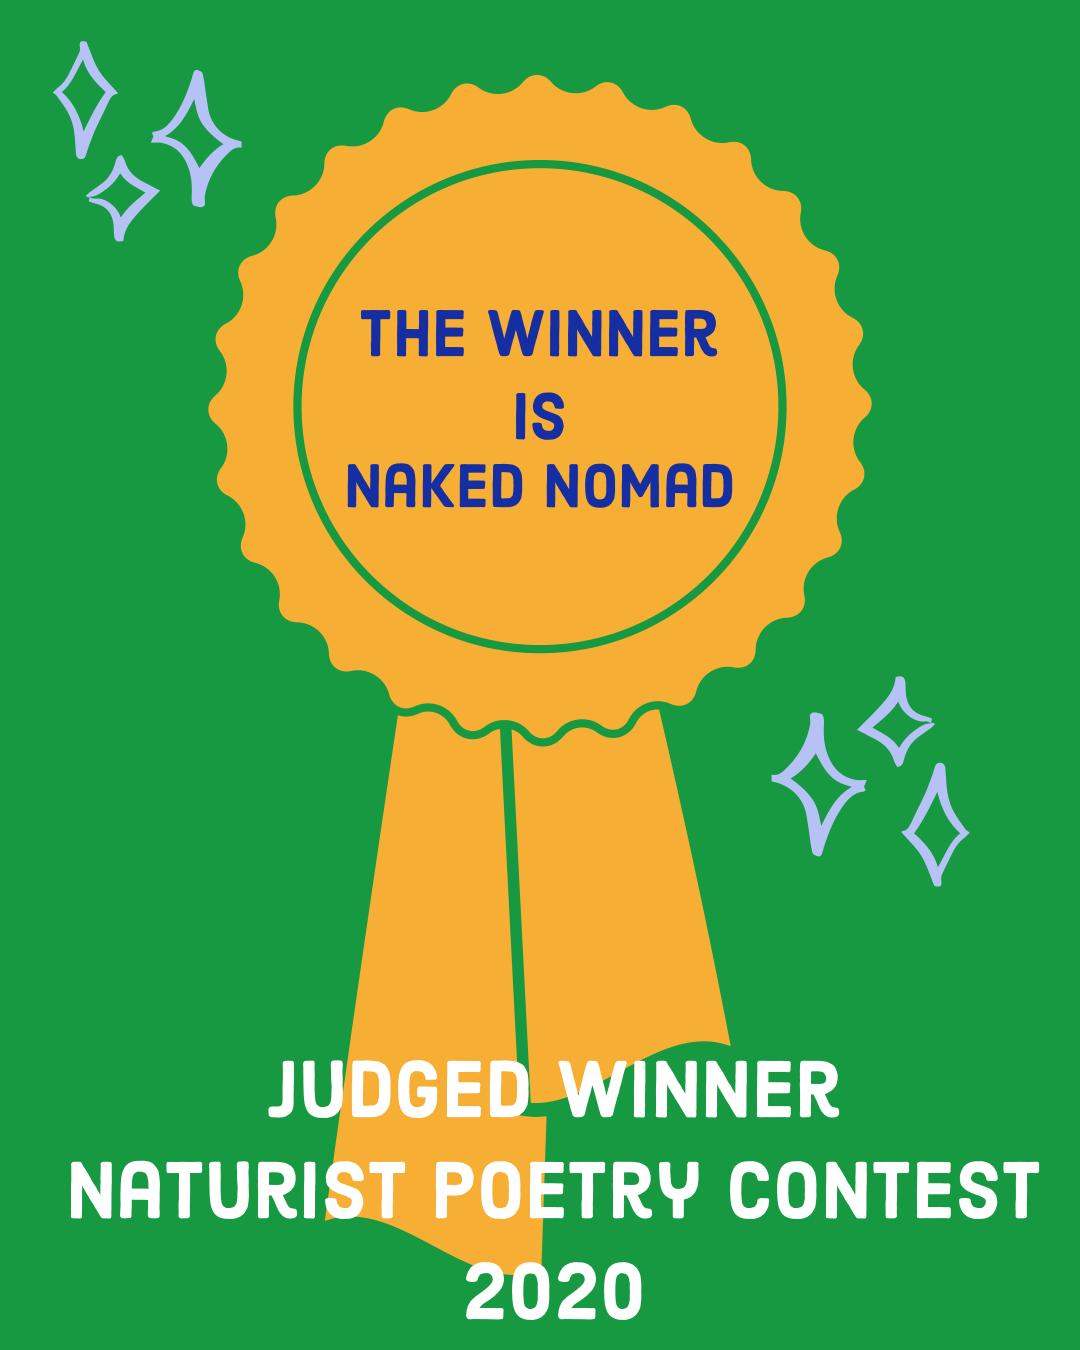 Judged poetry winner 2020